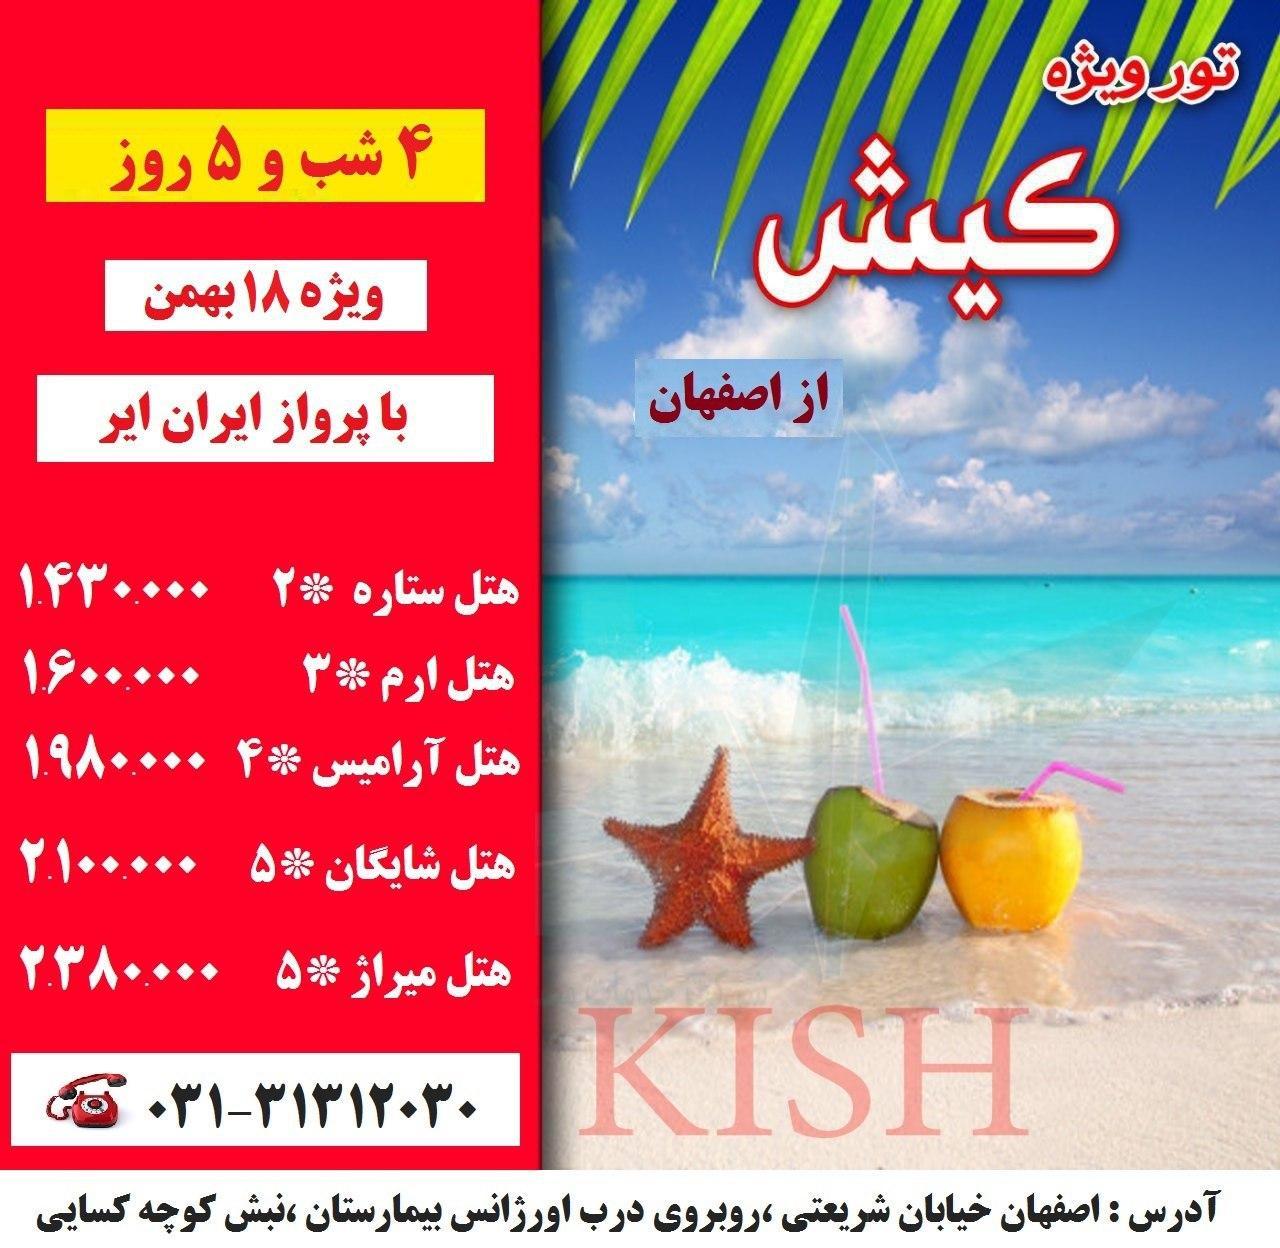 تور و بلیط کیش نرخ ویژه از اصفهان-با پرواز ایران ایر-جهان پرواز